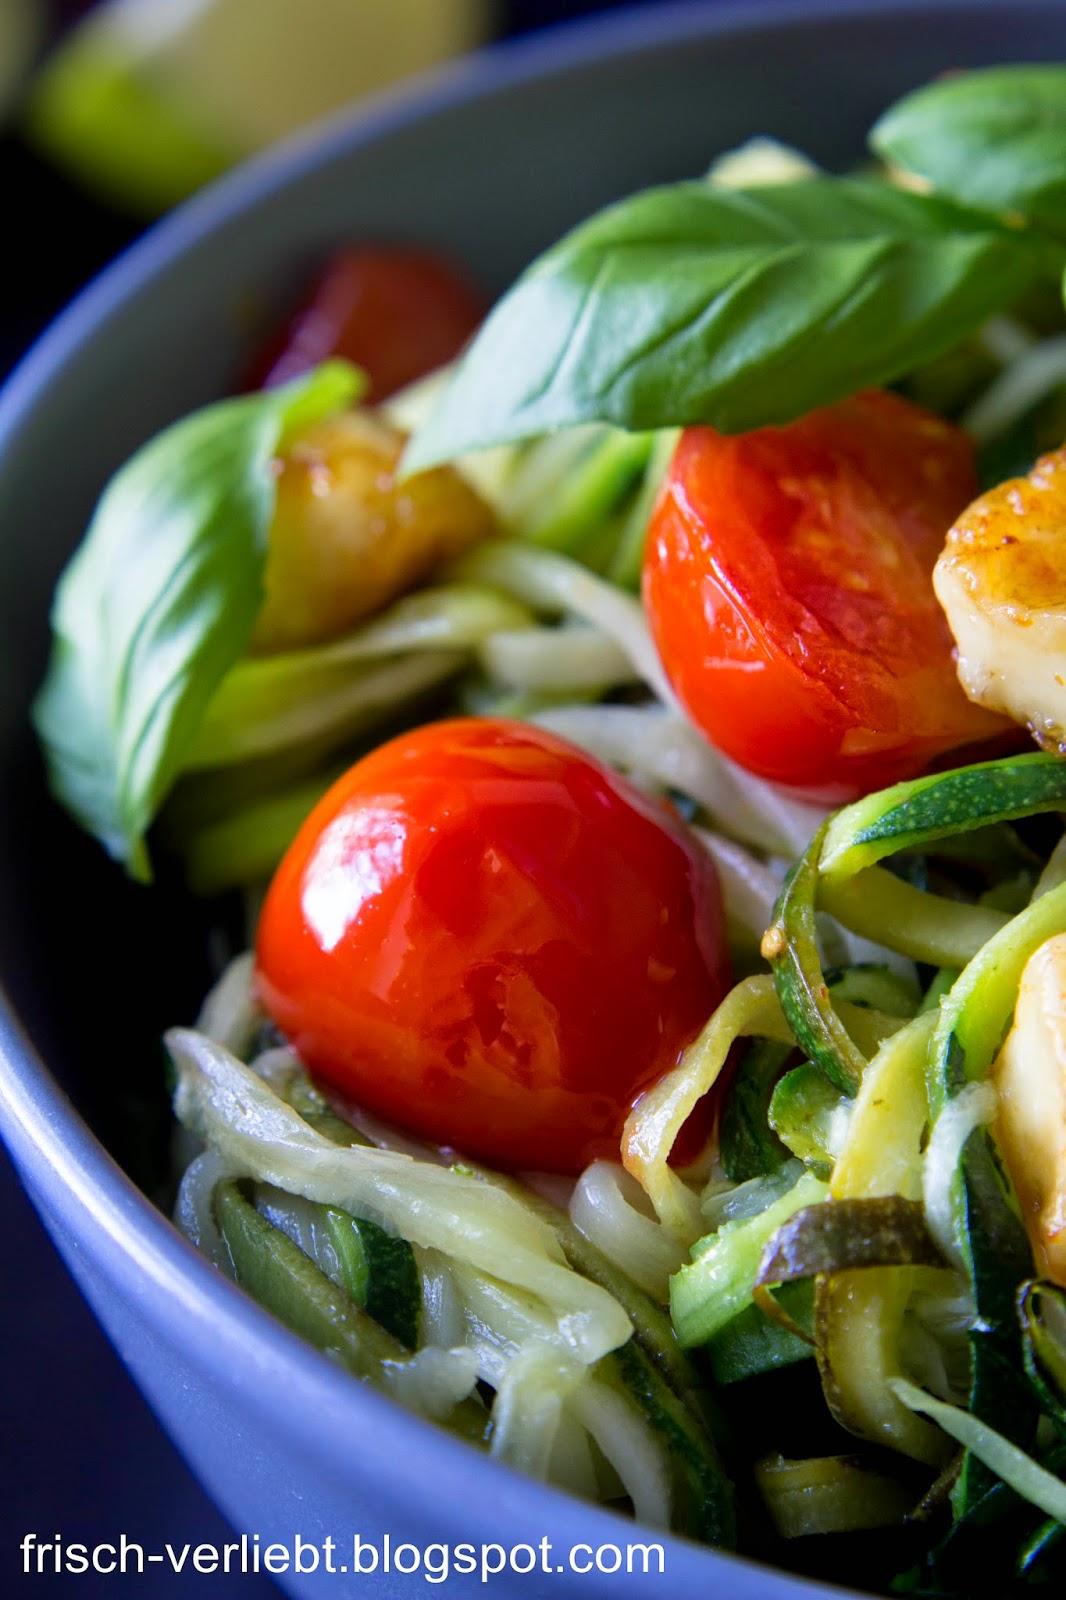 nudeln aus gem se zucchini spaghetti mit tomaten und halloumi frisch verliebt. Black Bedroom Furniture Sets. Home Design Ideas